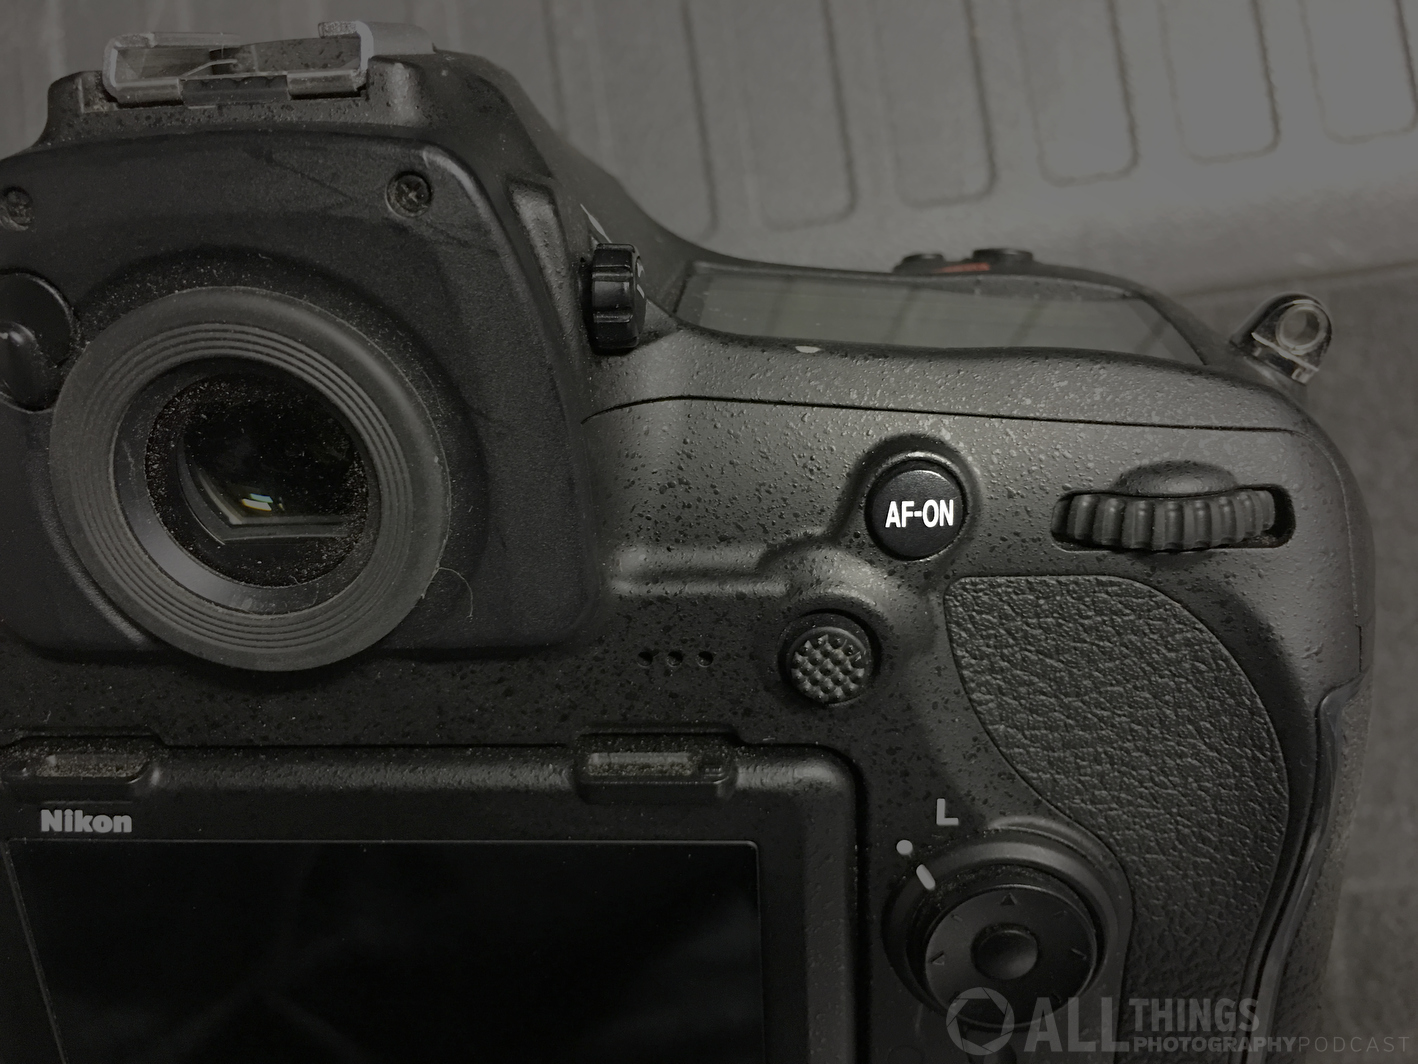 D850 back-button